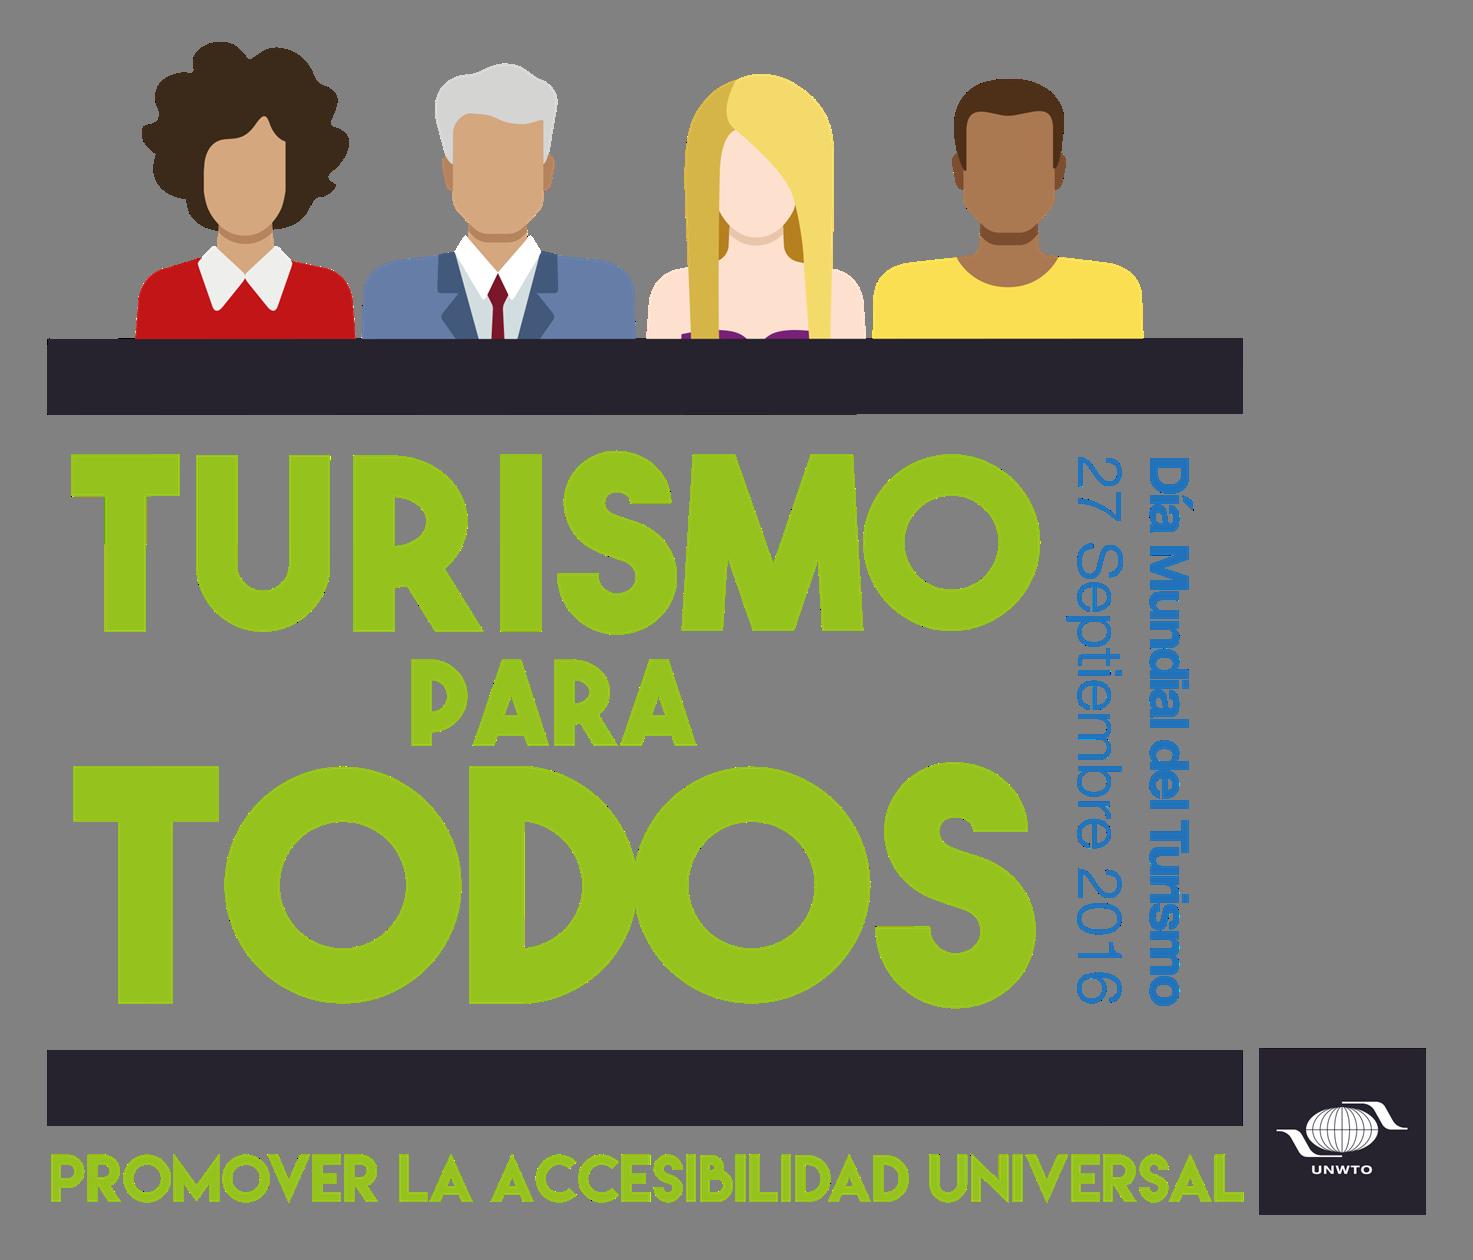 turismo-accesible Día Mundial del Turismo: Turismo accesible para todos